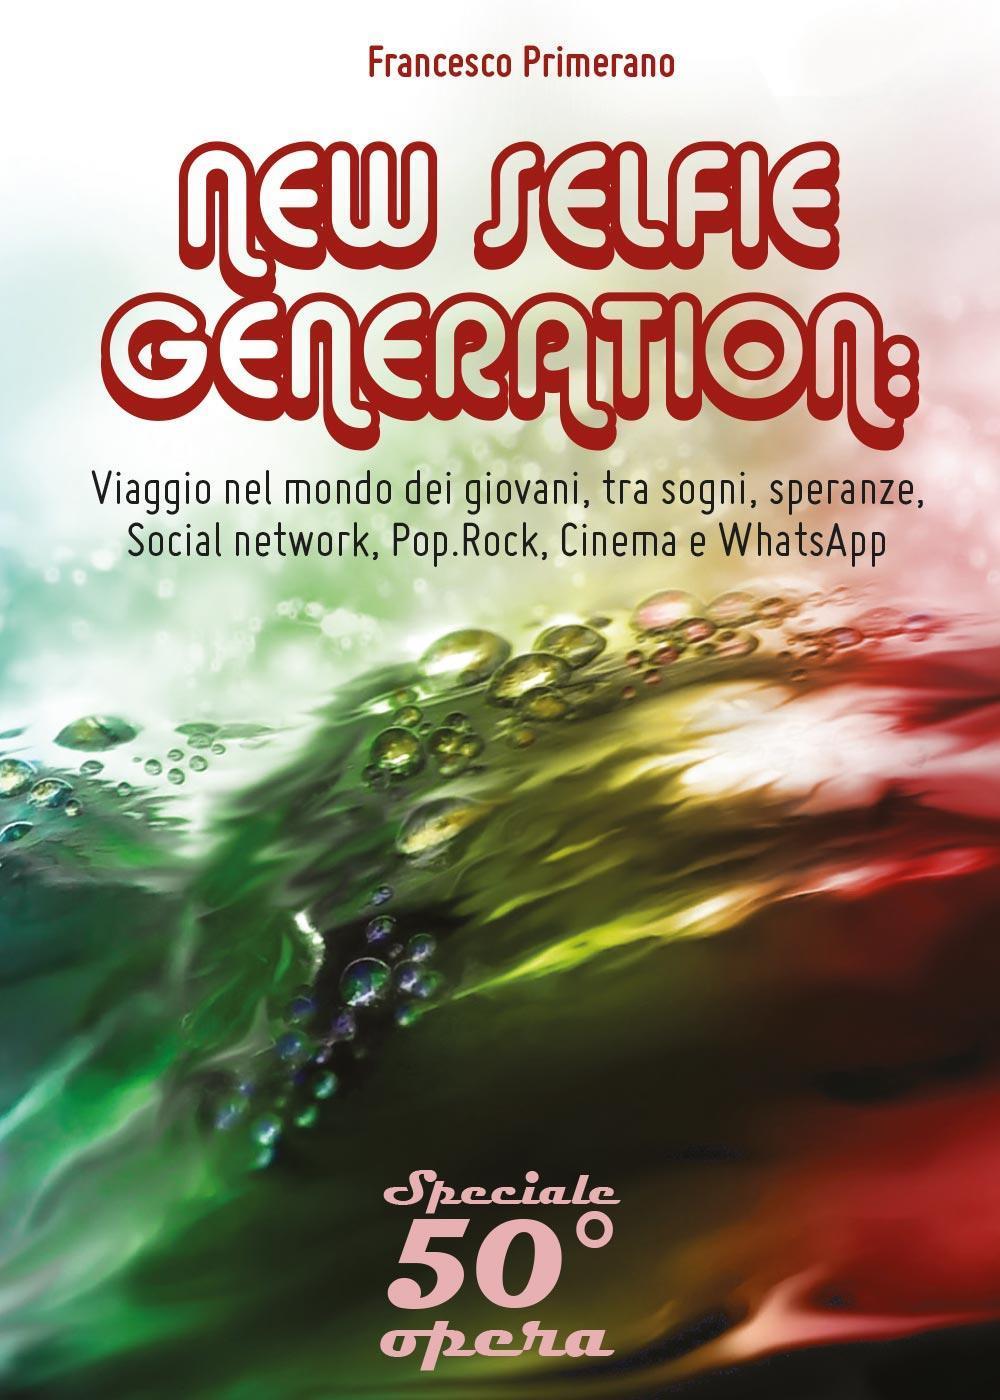 NEW SELFIE GENERATION: viaggio nel mondo dei giovani, tra sogni, speranze, Social network, Pop.Rock, Cinema e WhatsApp